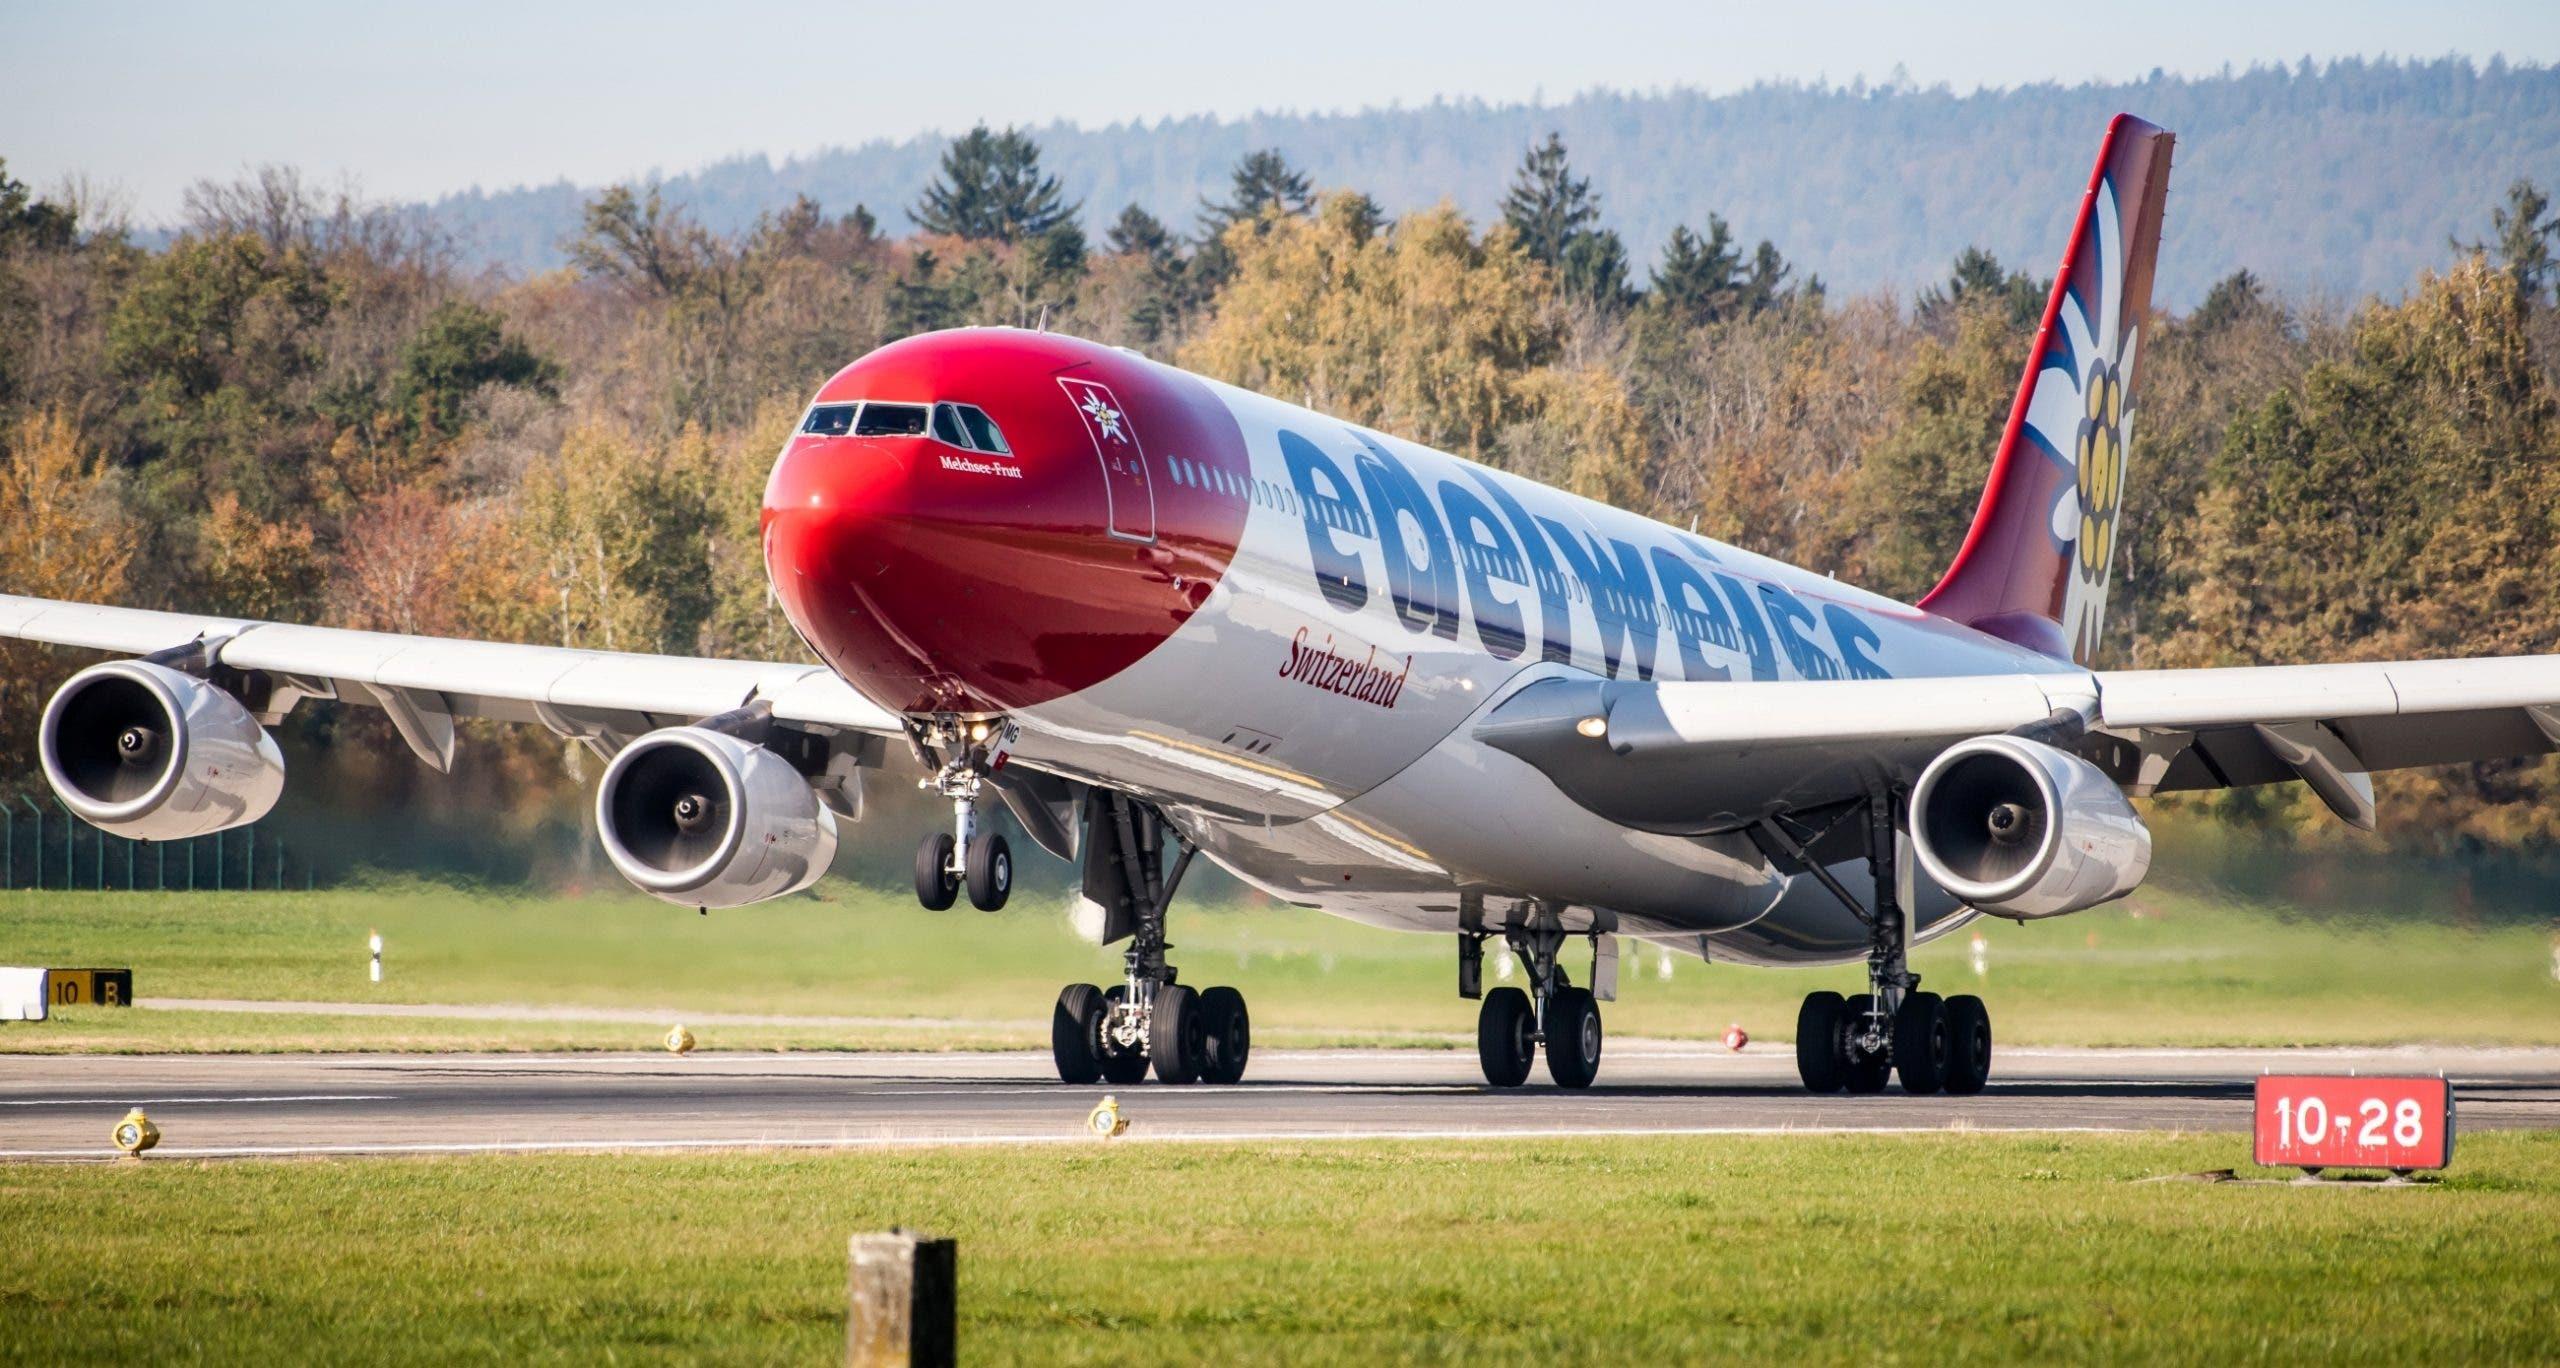 Turismo anuncia un nuevo vuelo directo desde Zúrich, Suiza a Puerto Plata